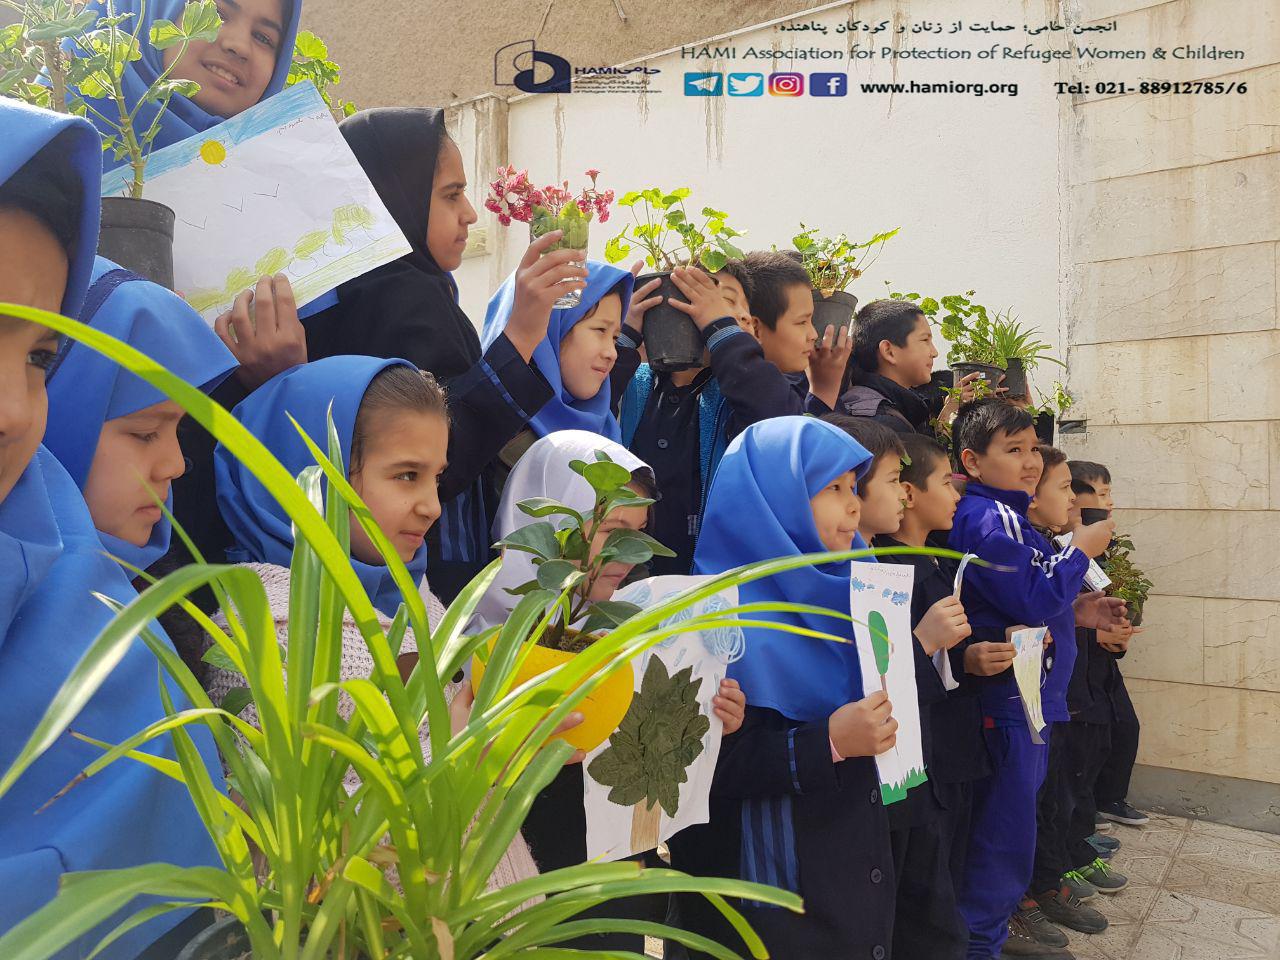 به پیشواز بهاران؛ روز درختکاری در مراکز انجمن حامی